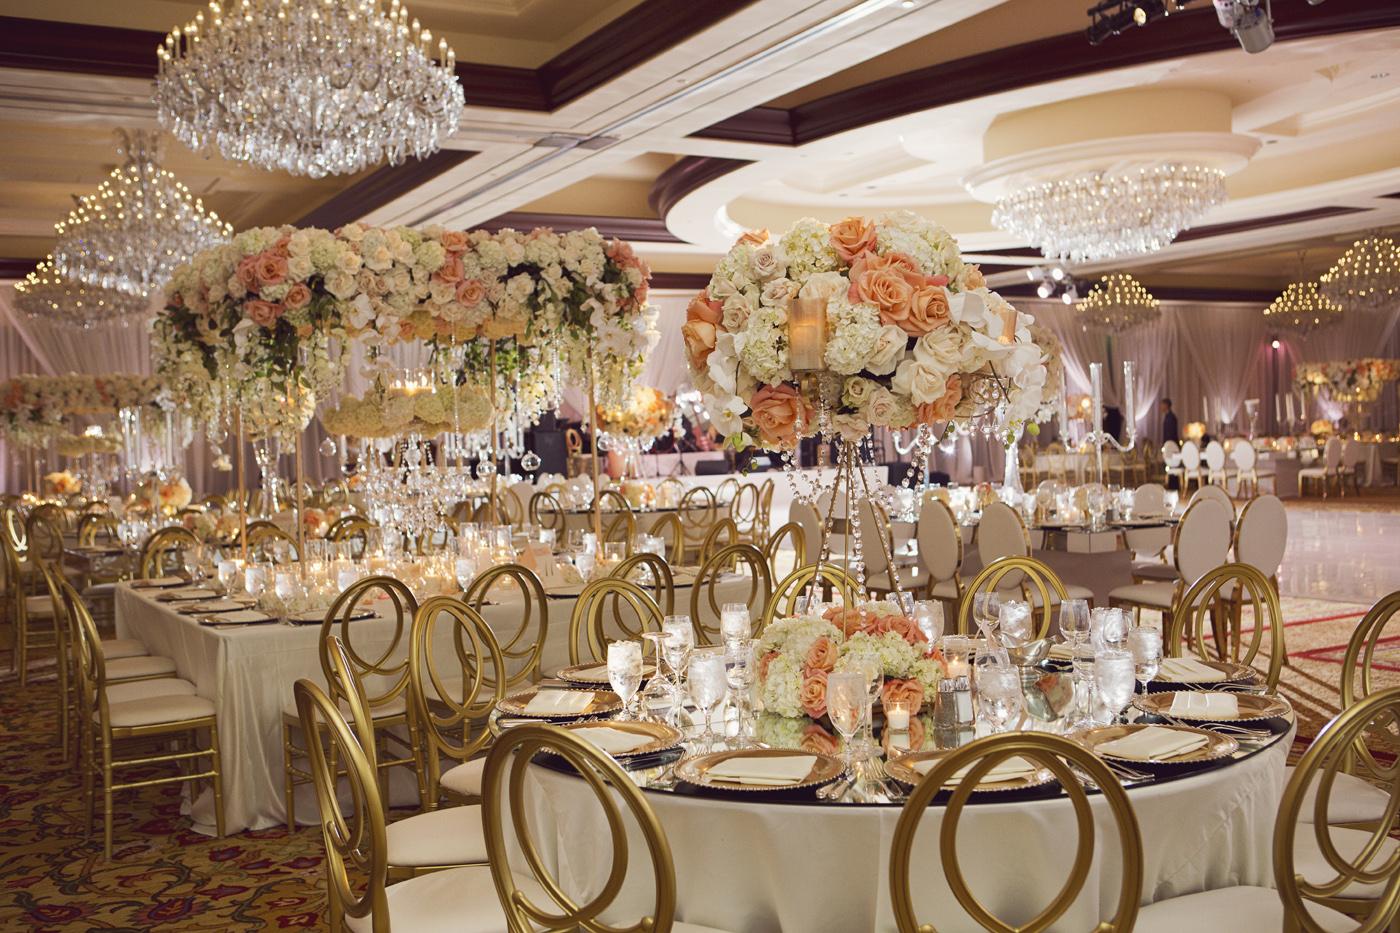 058_DukePhotography_DukeImages_Wedding_Details.jpg